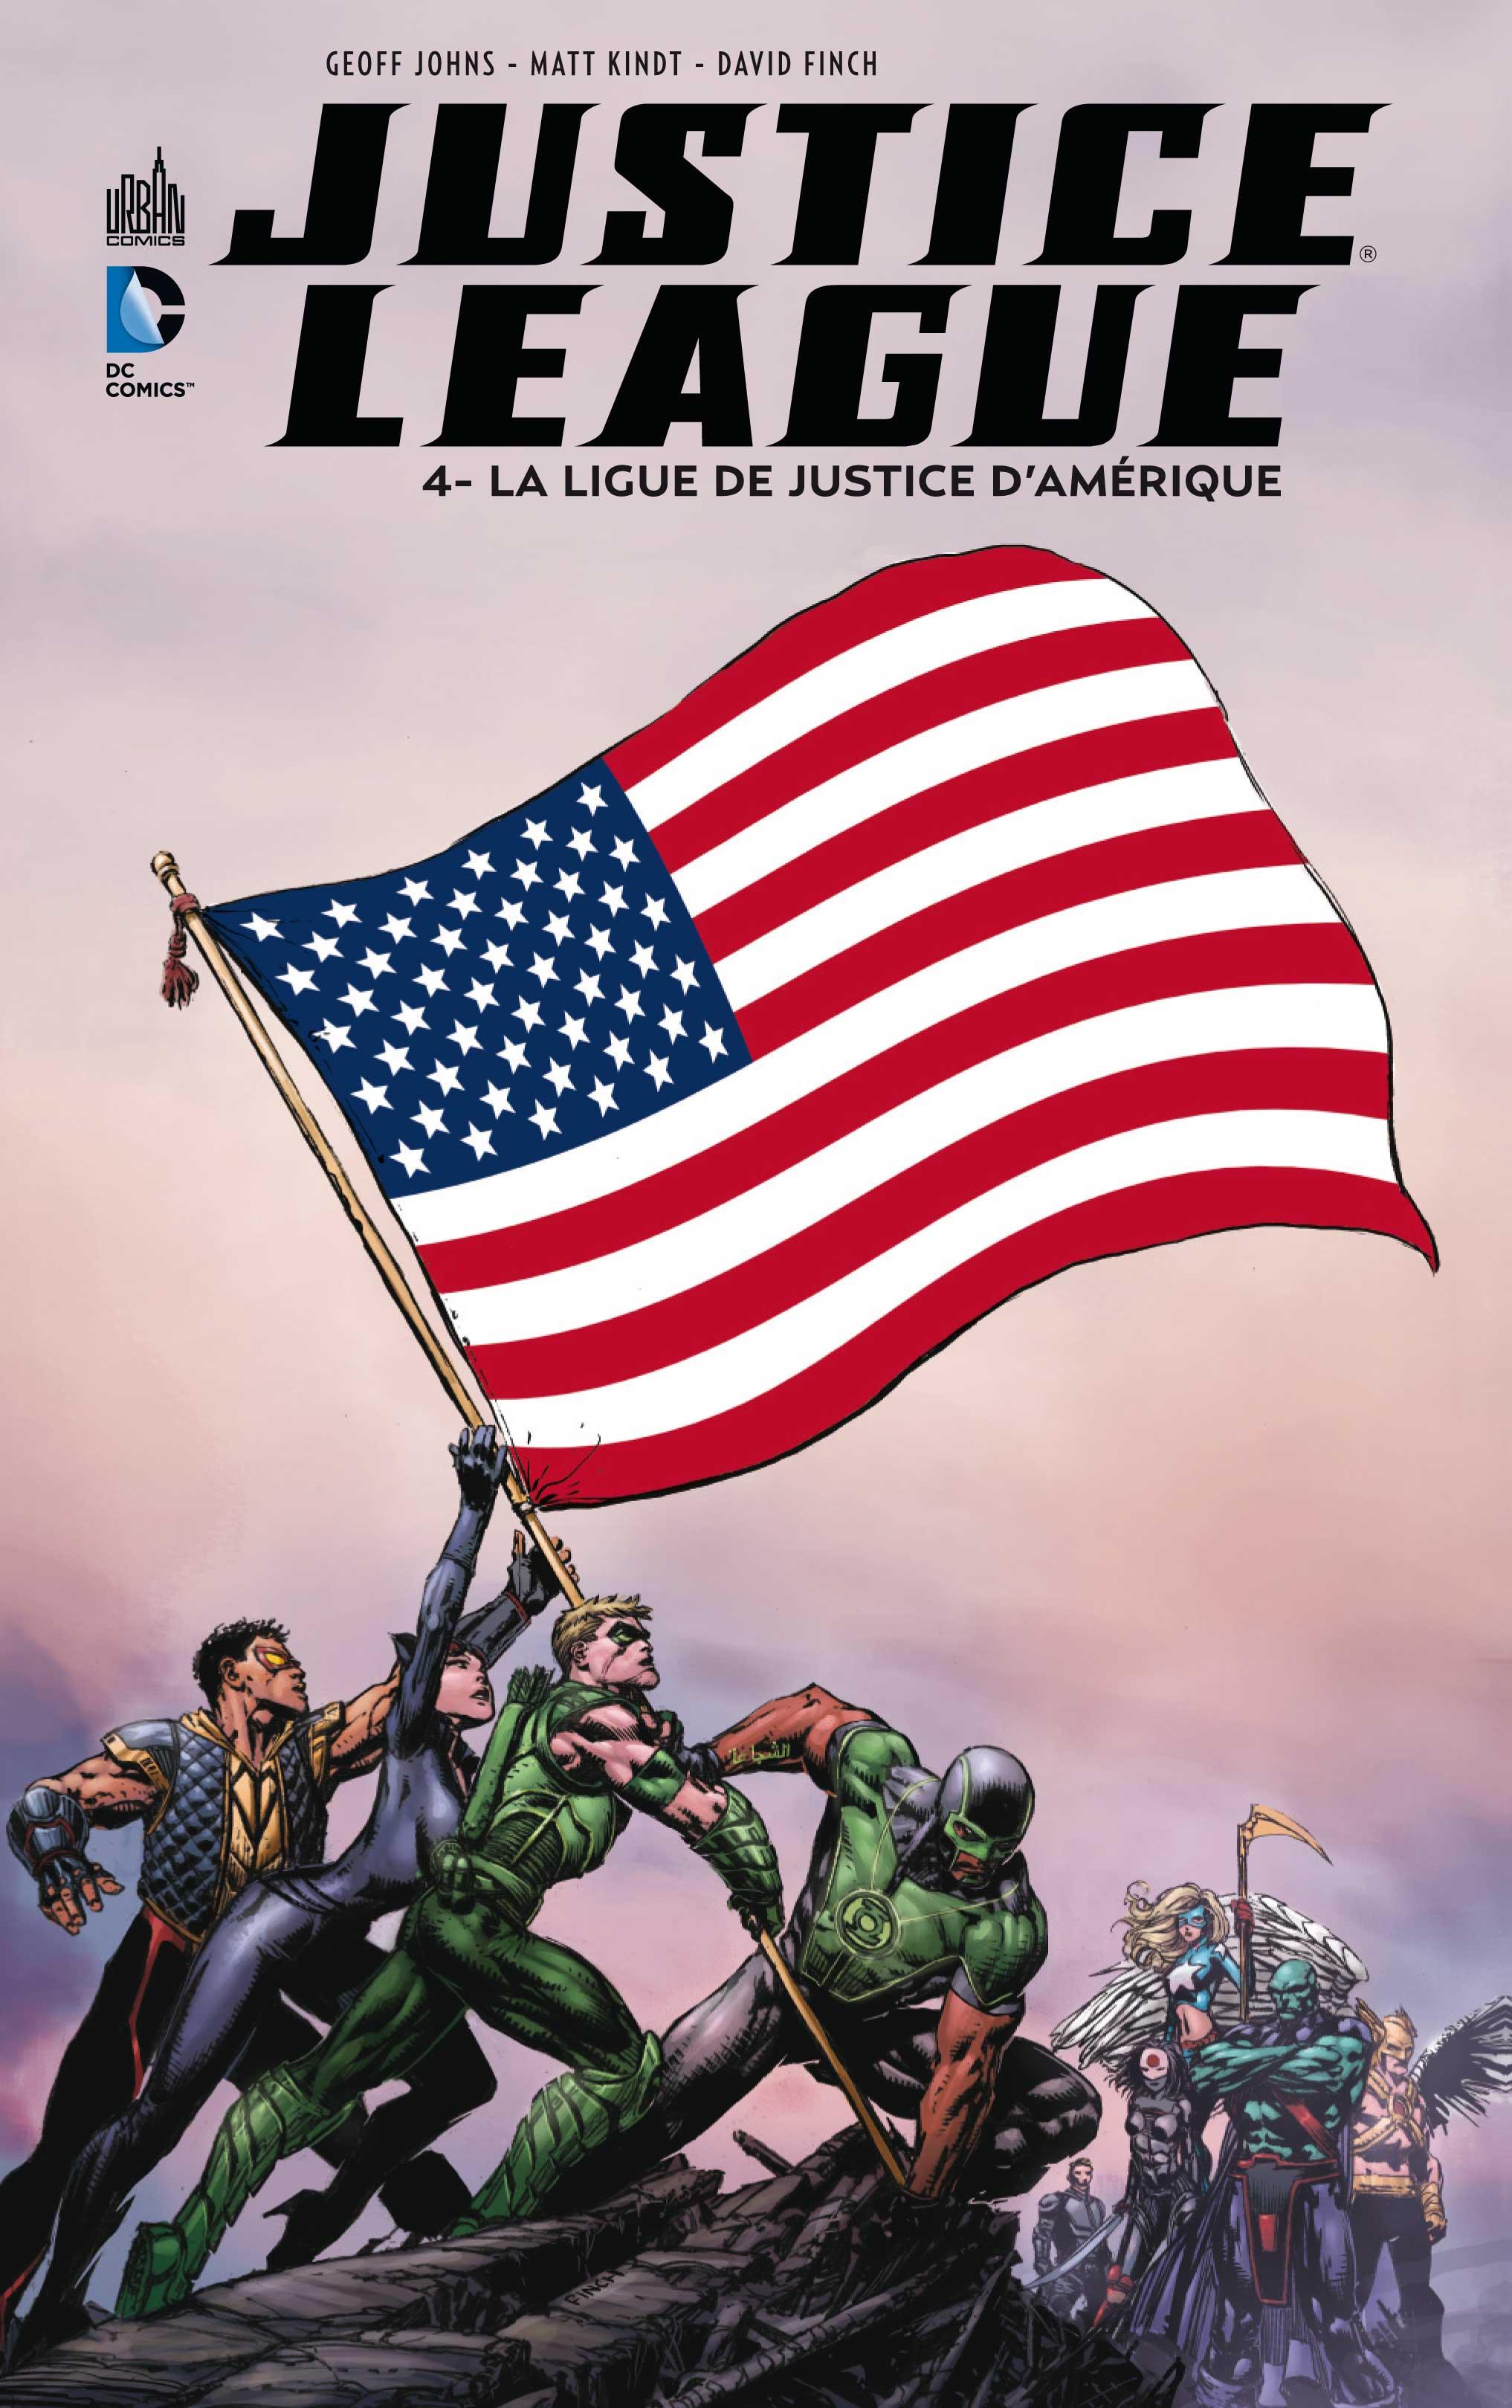 Justice League 4 - La ligue de justice d'Amérique